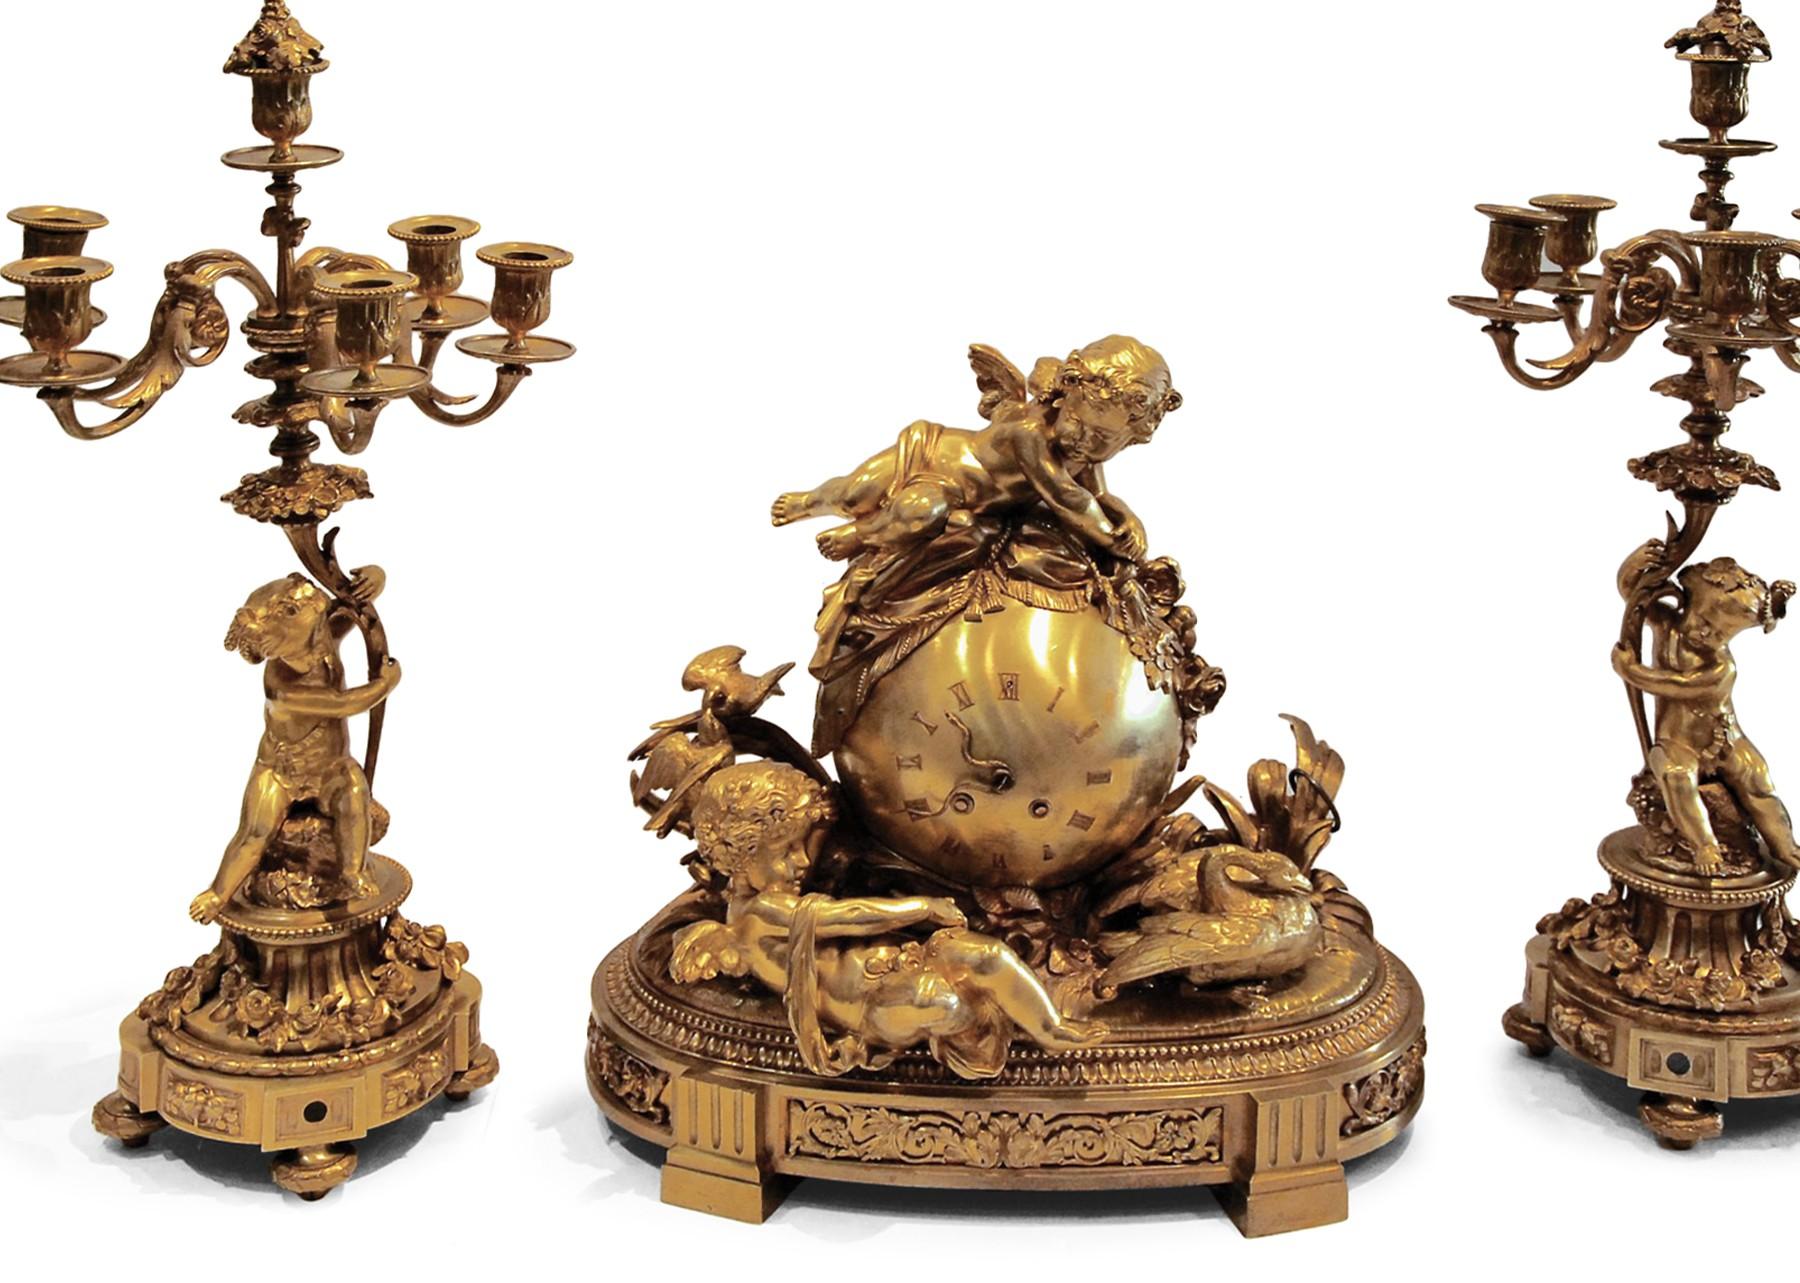 Garniture De Cheminee D Epoque Napoleon Iii Xixe Siecle N 73177